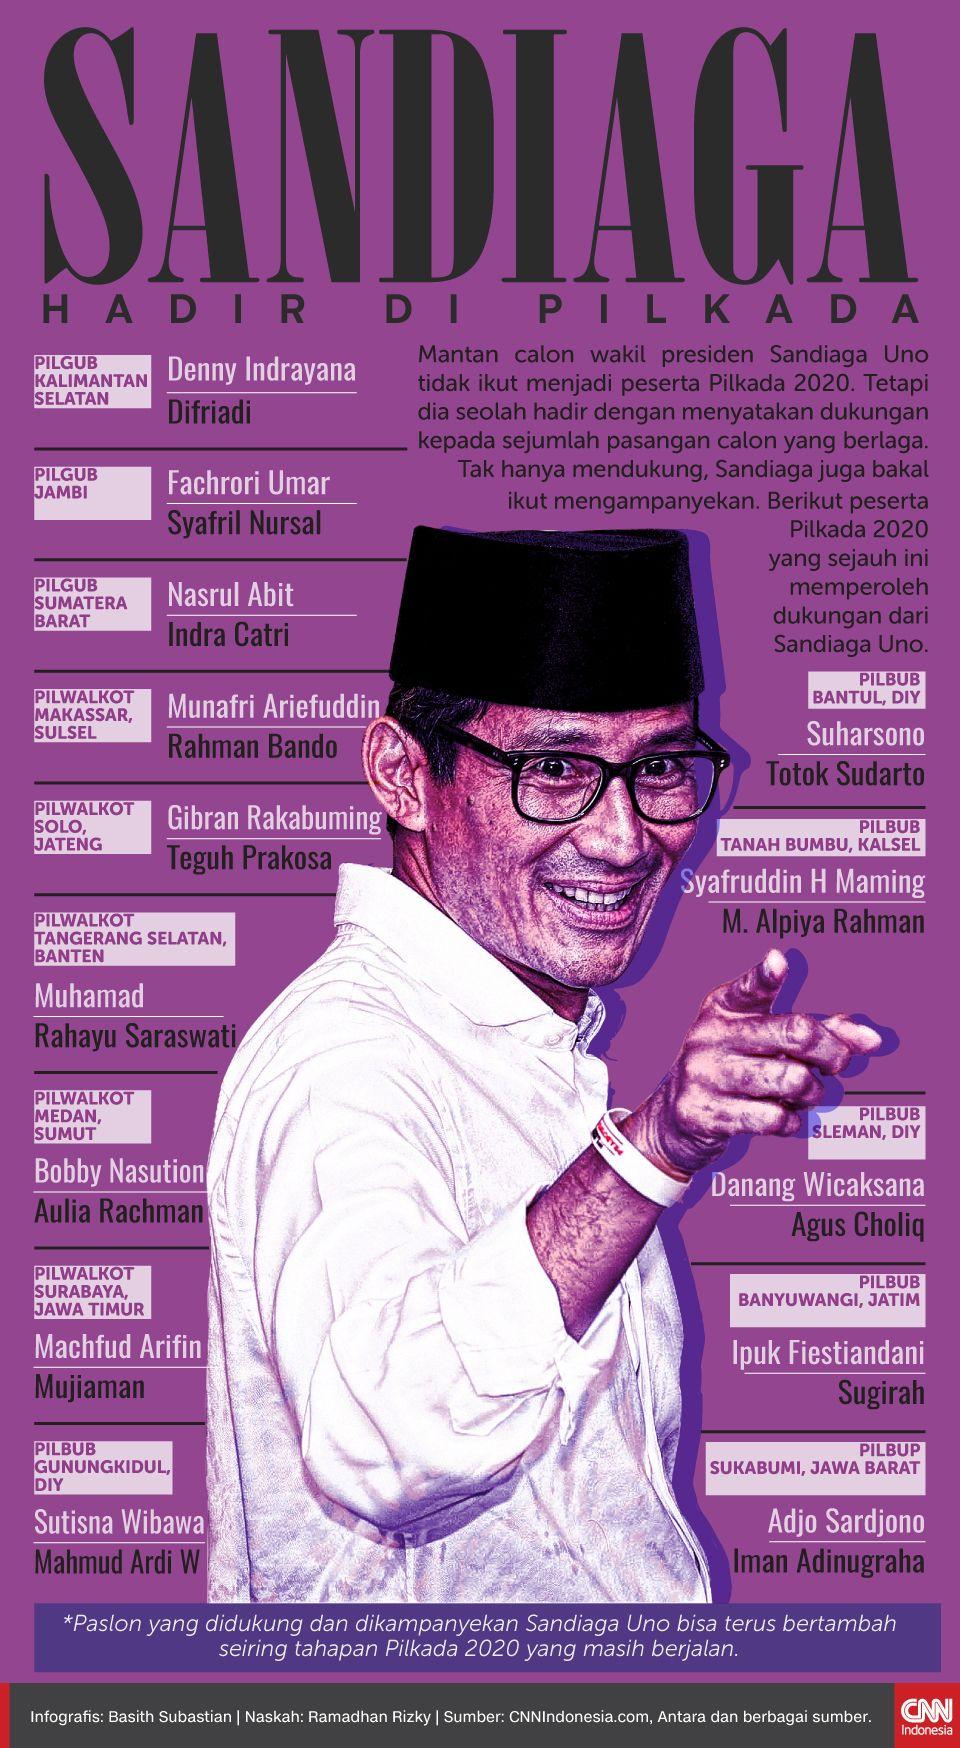 Infografis Sandiaga Hadir di Pilkada